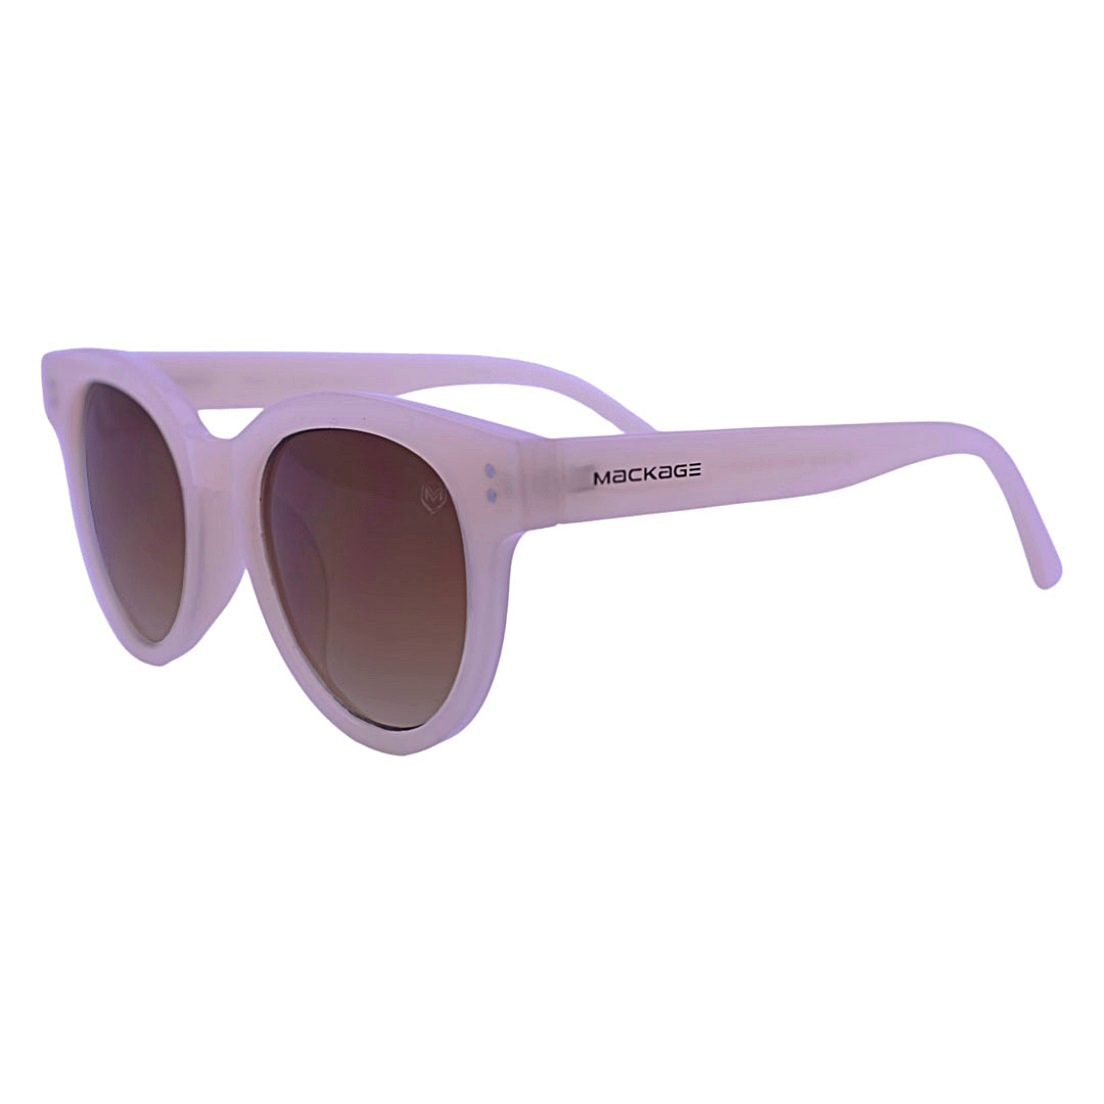 Óculos De Sol Mackage Feminino Acetato Gateado Retro